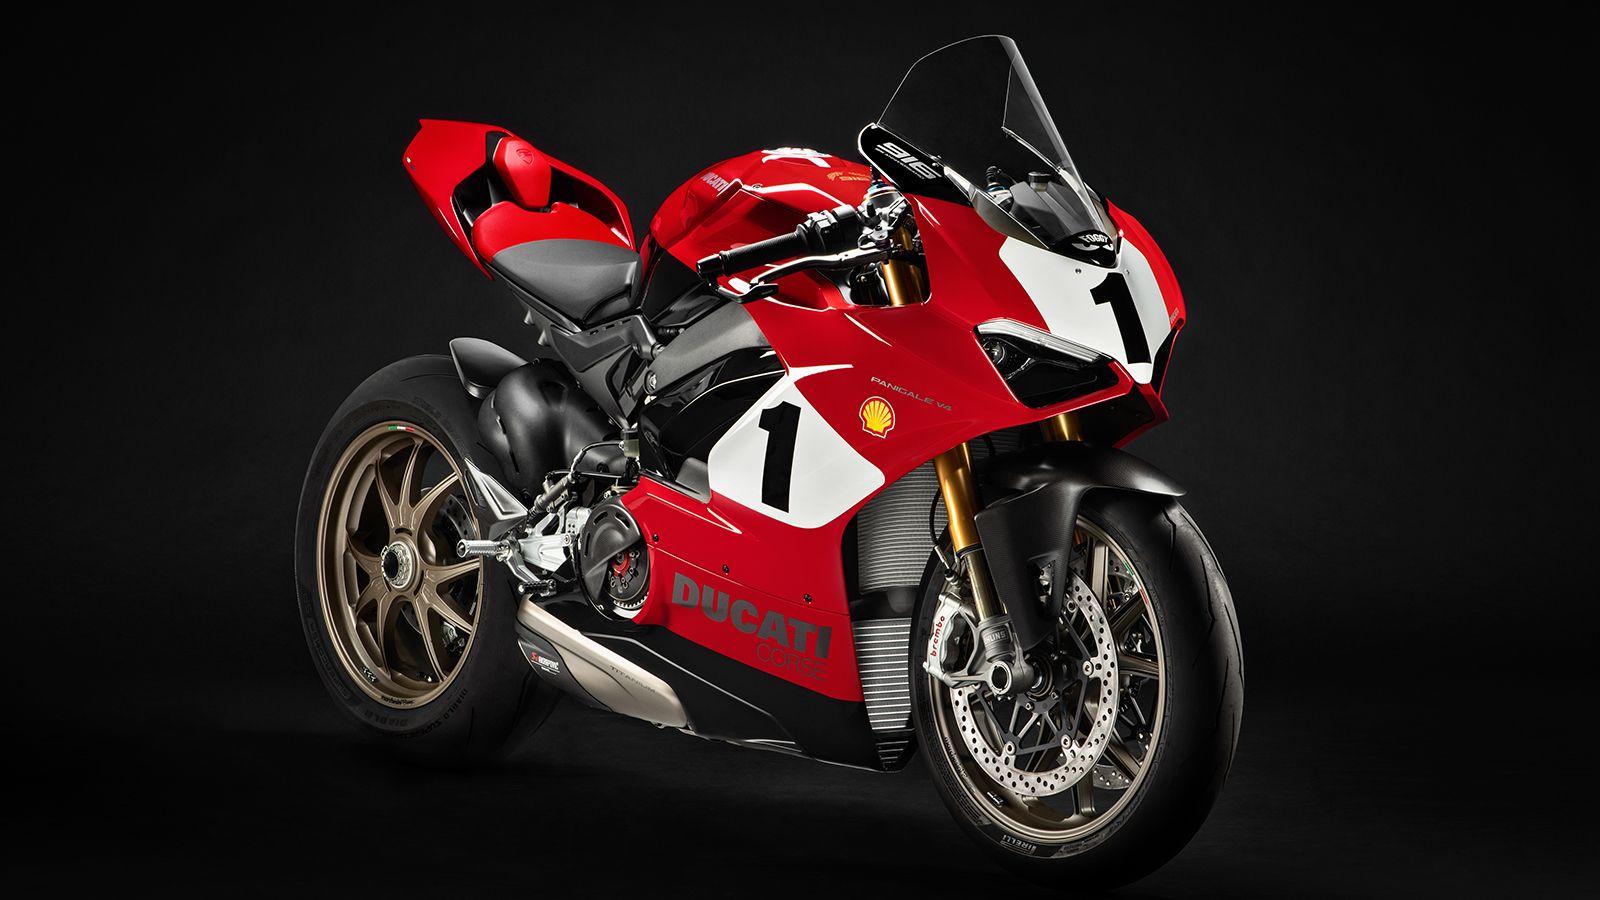 2019 Ducati V4 Penta Custom From Ducati Panigale V4 By